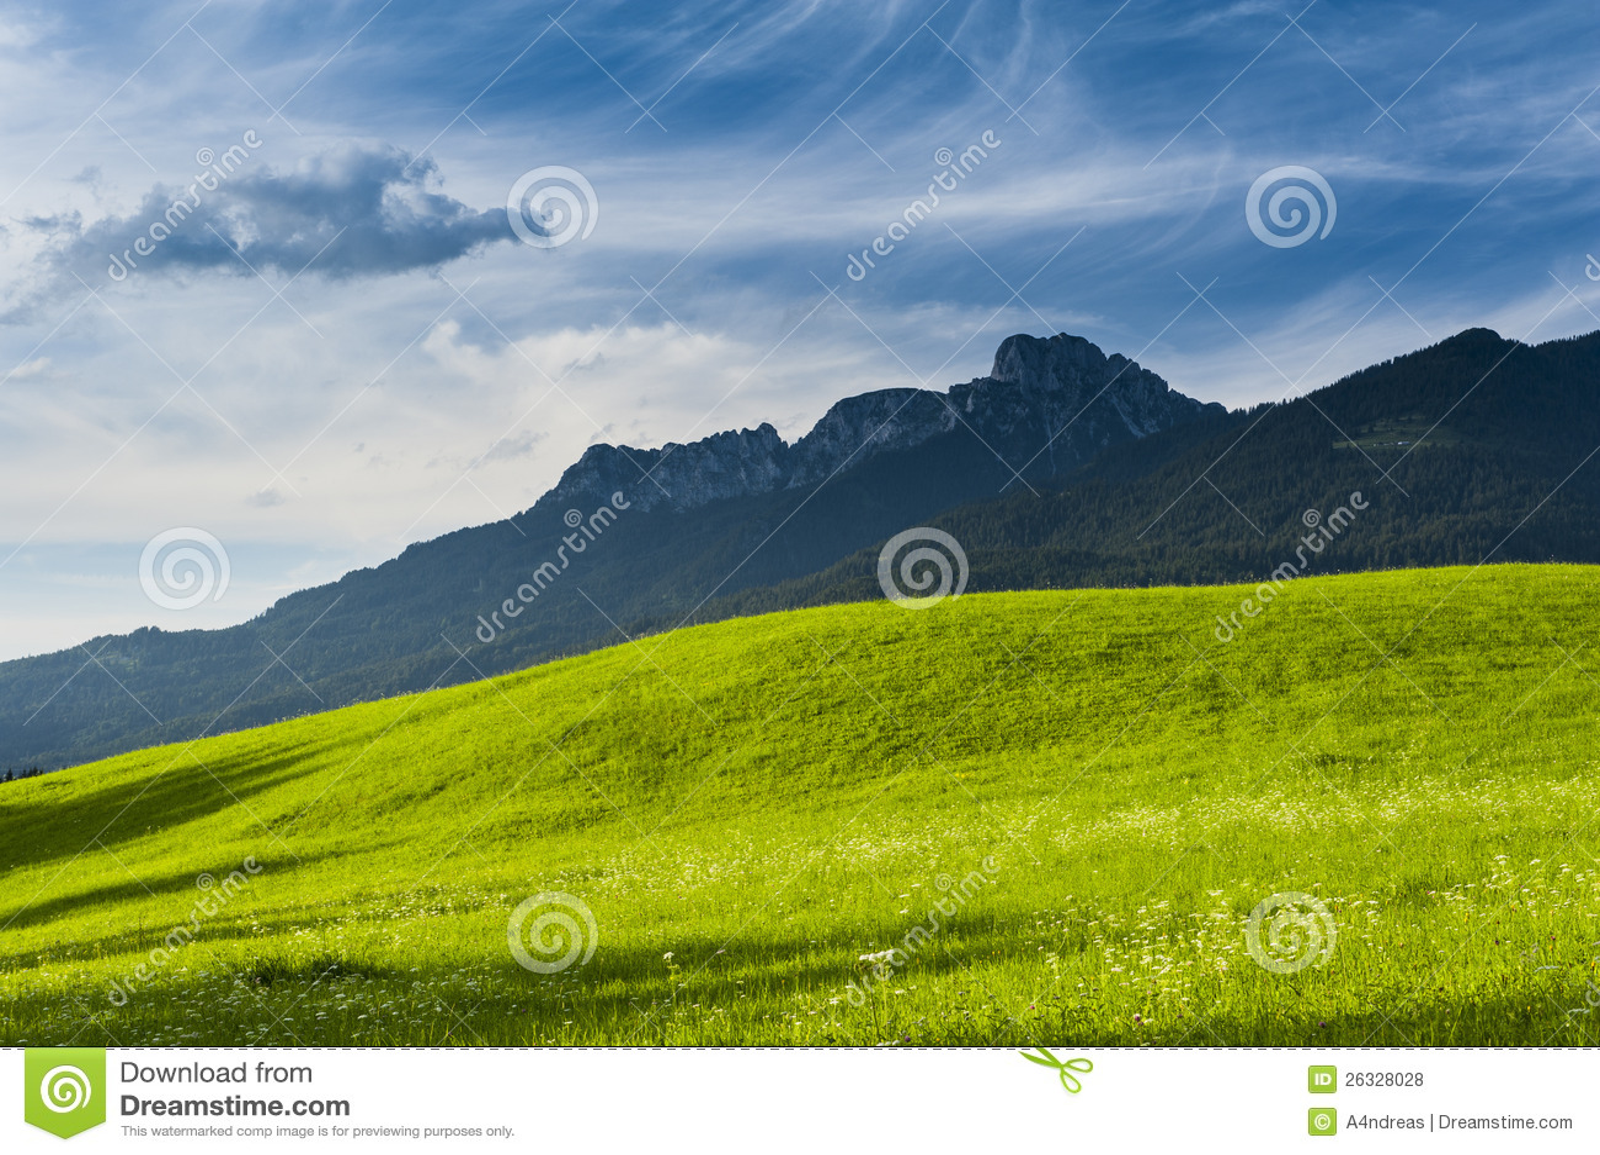 Prato verde fertile pieno di sole fotografia stock for Prato verde